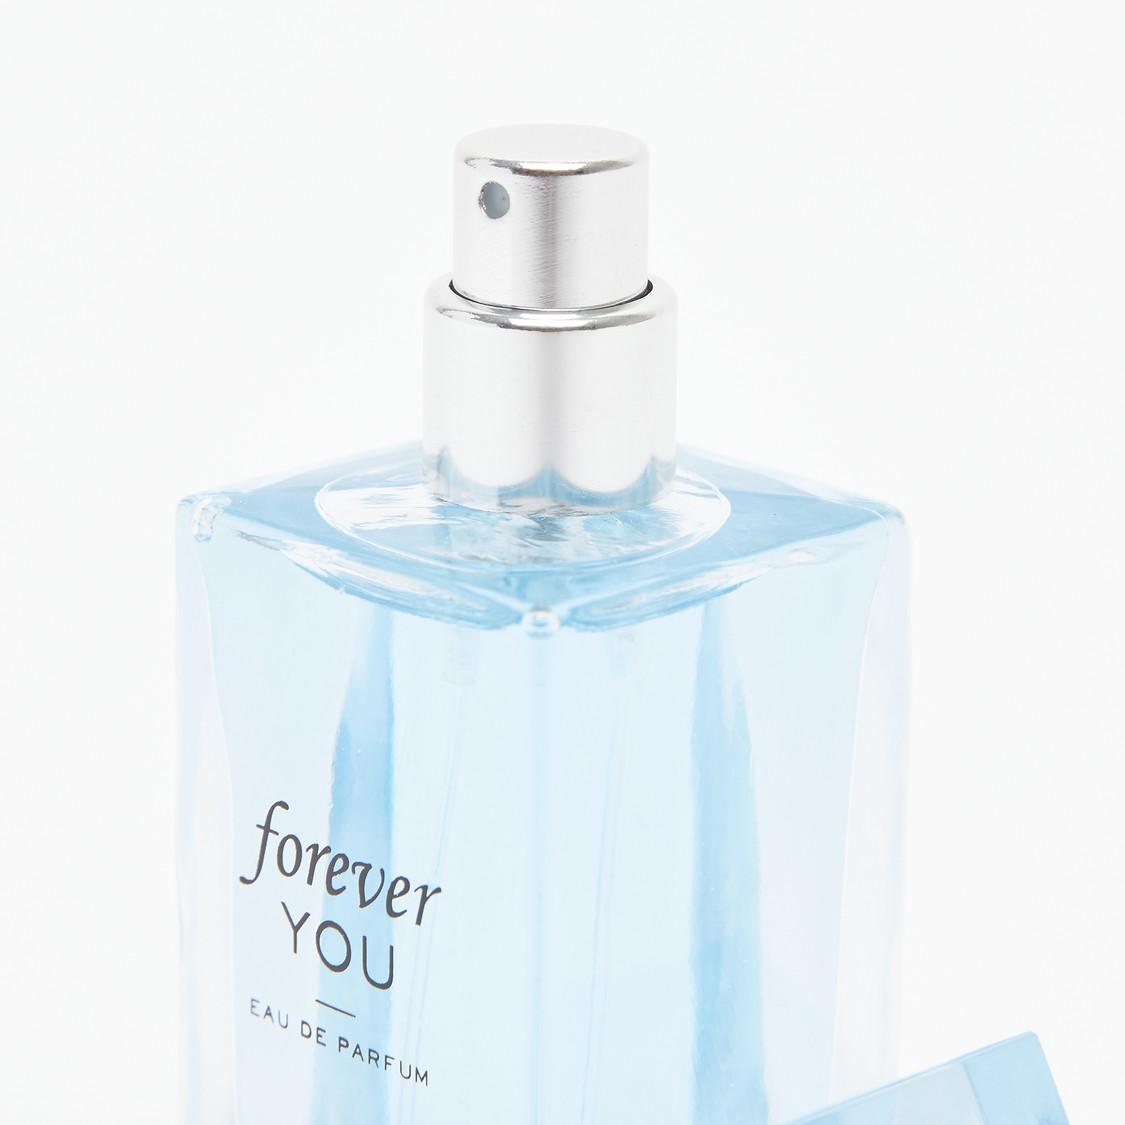 Forever You Eau De Parfum  - 50 ml